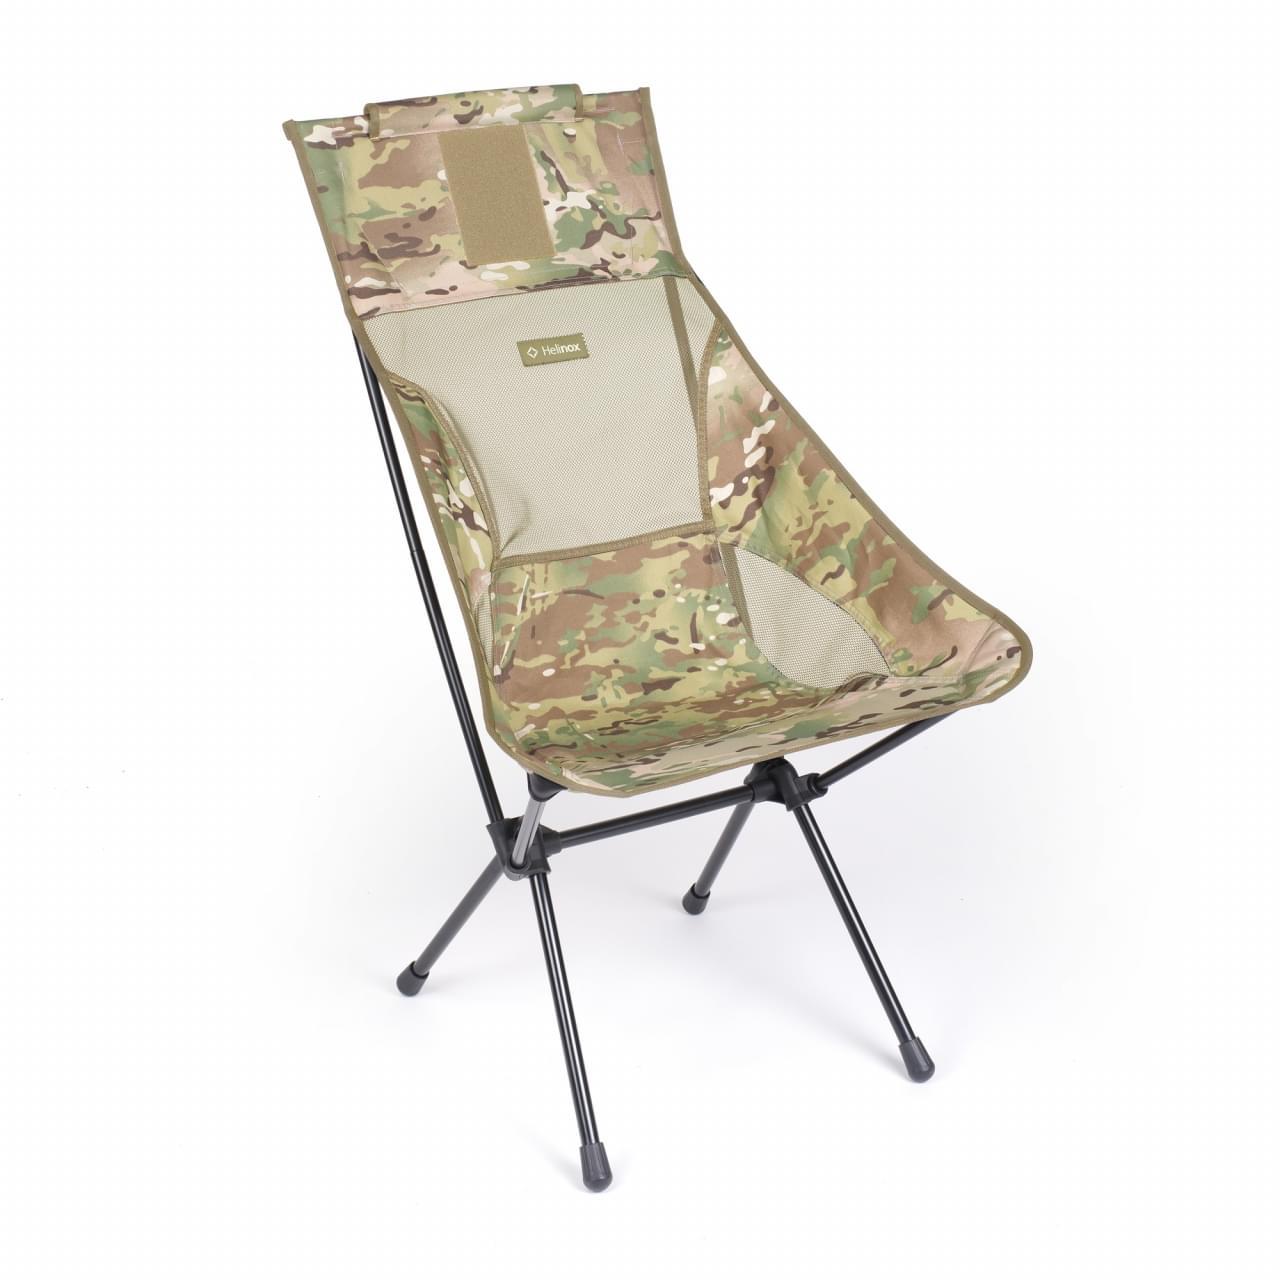 Helinox Sunset Chair Special Lichtgewicht Stoel - Camouflage Groen